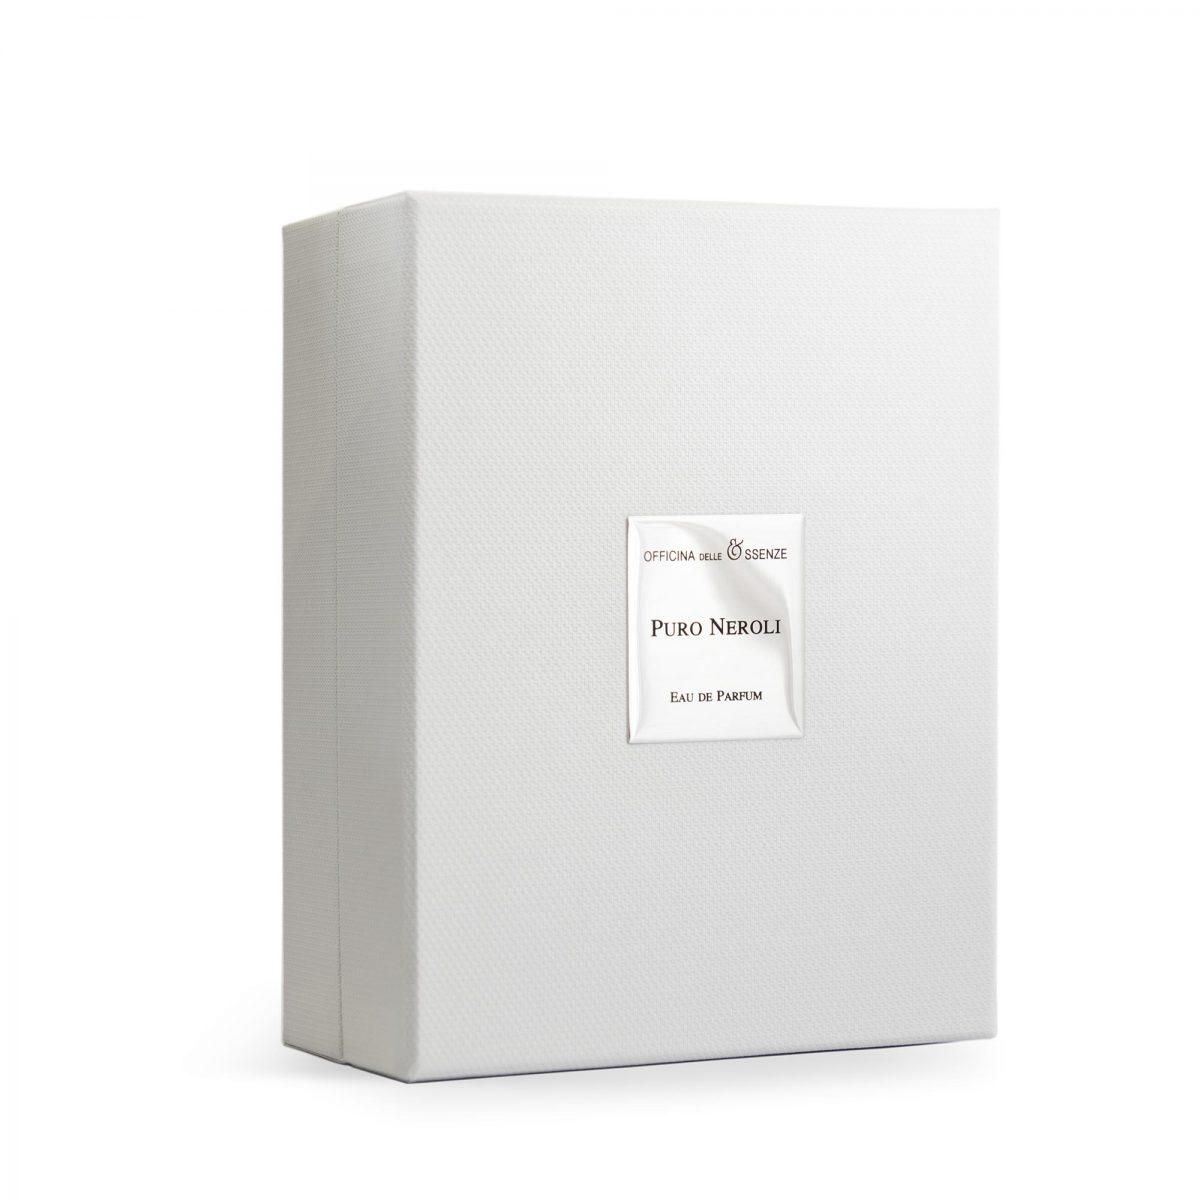 Officina delle Essenze box Puro Neroli